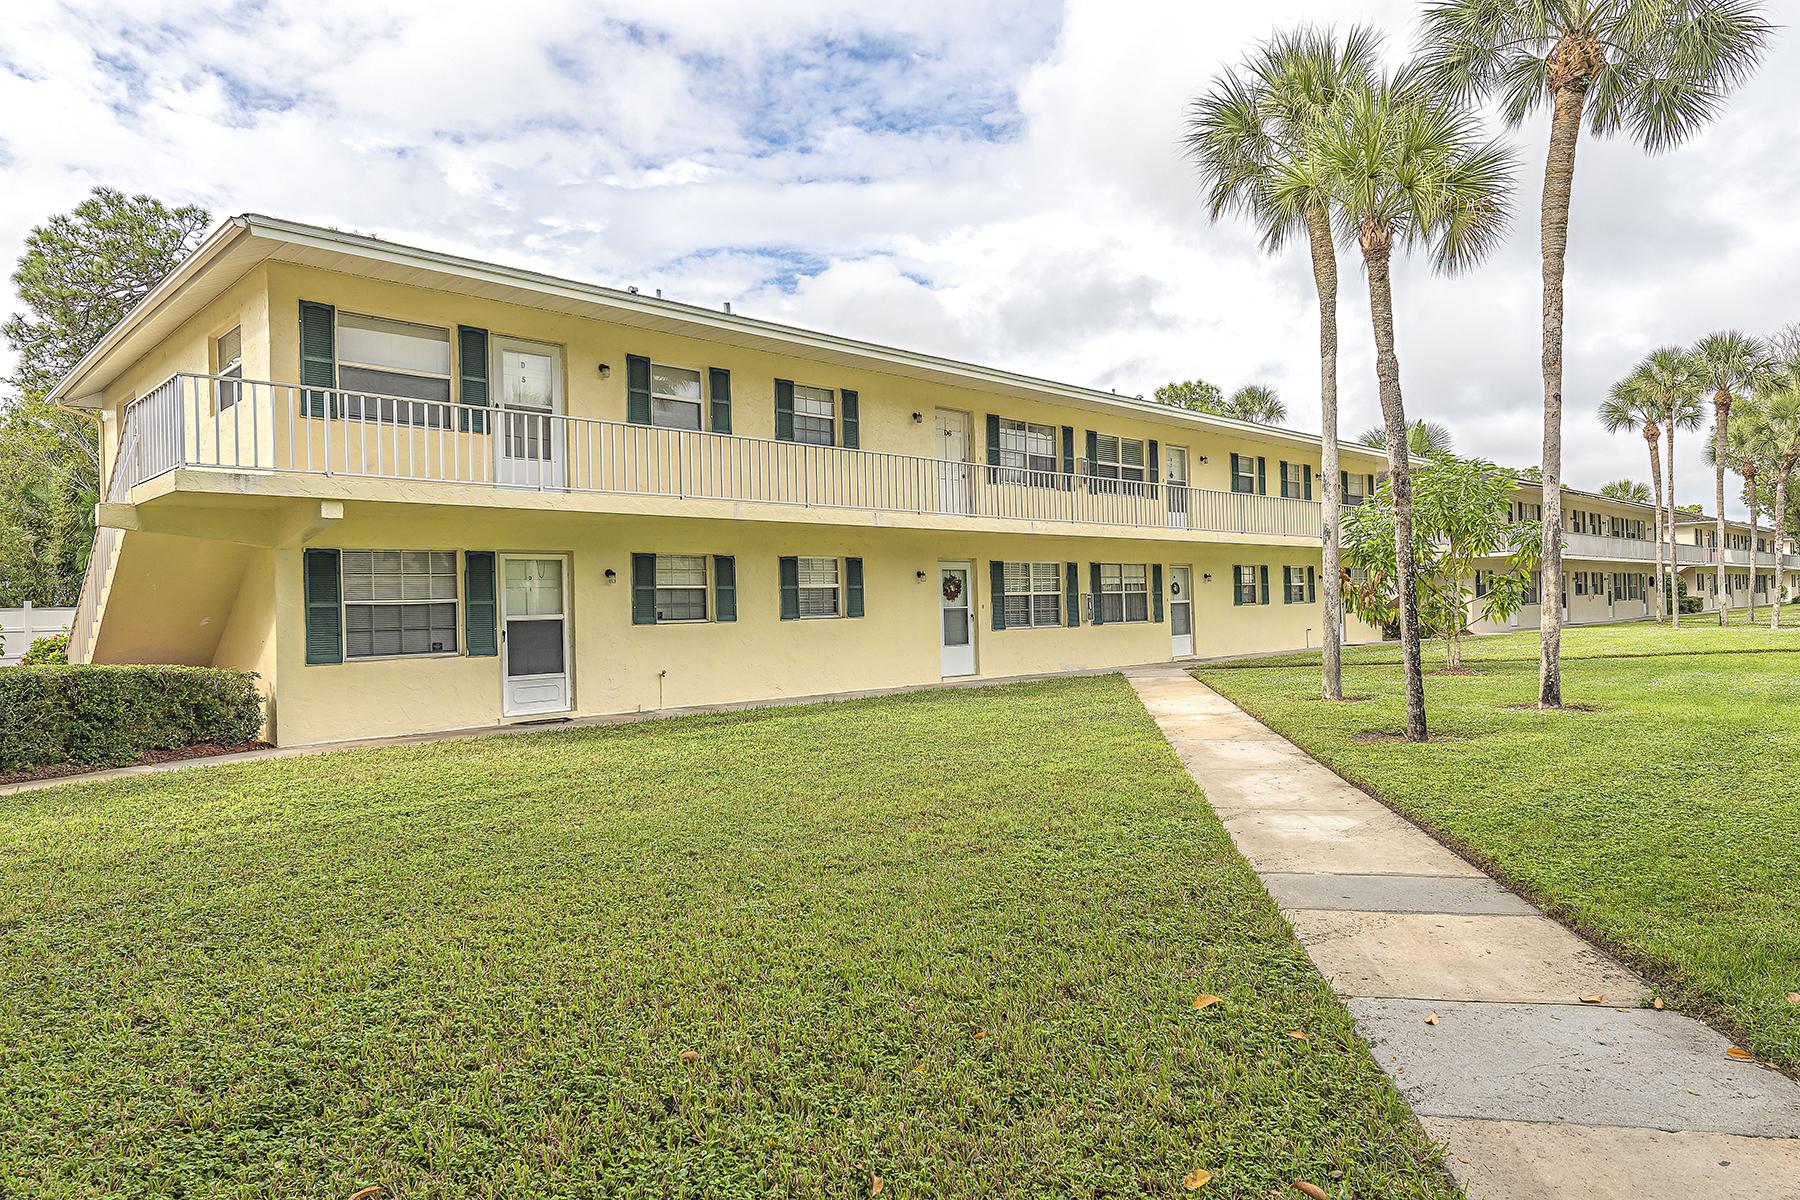 Appartement en copropriété pour l Vente à POINCIANA CONDOS 3325 Airport Pulling Rd N D3 Naples, Florida 34105 États-Unis